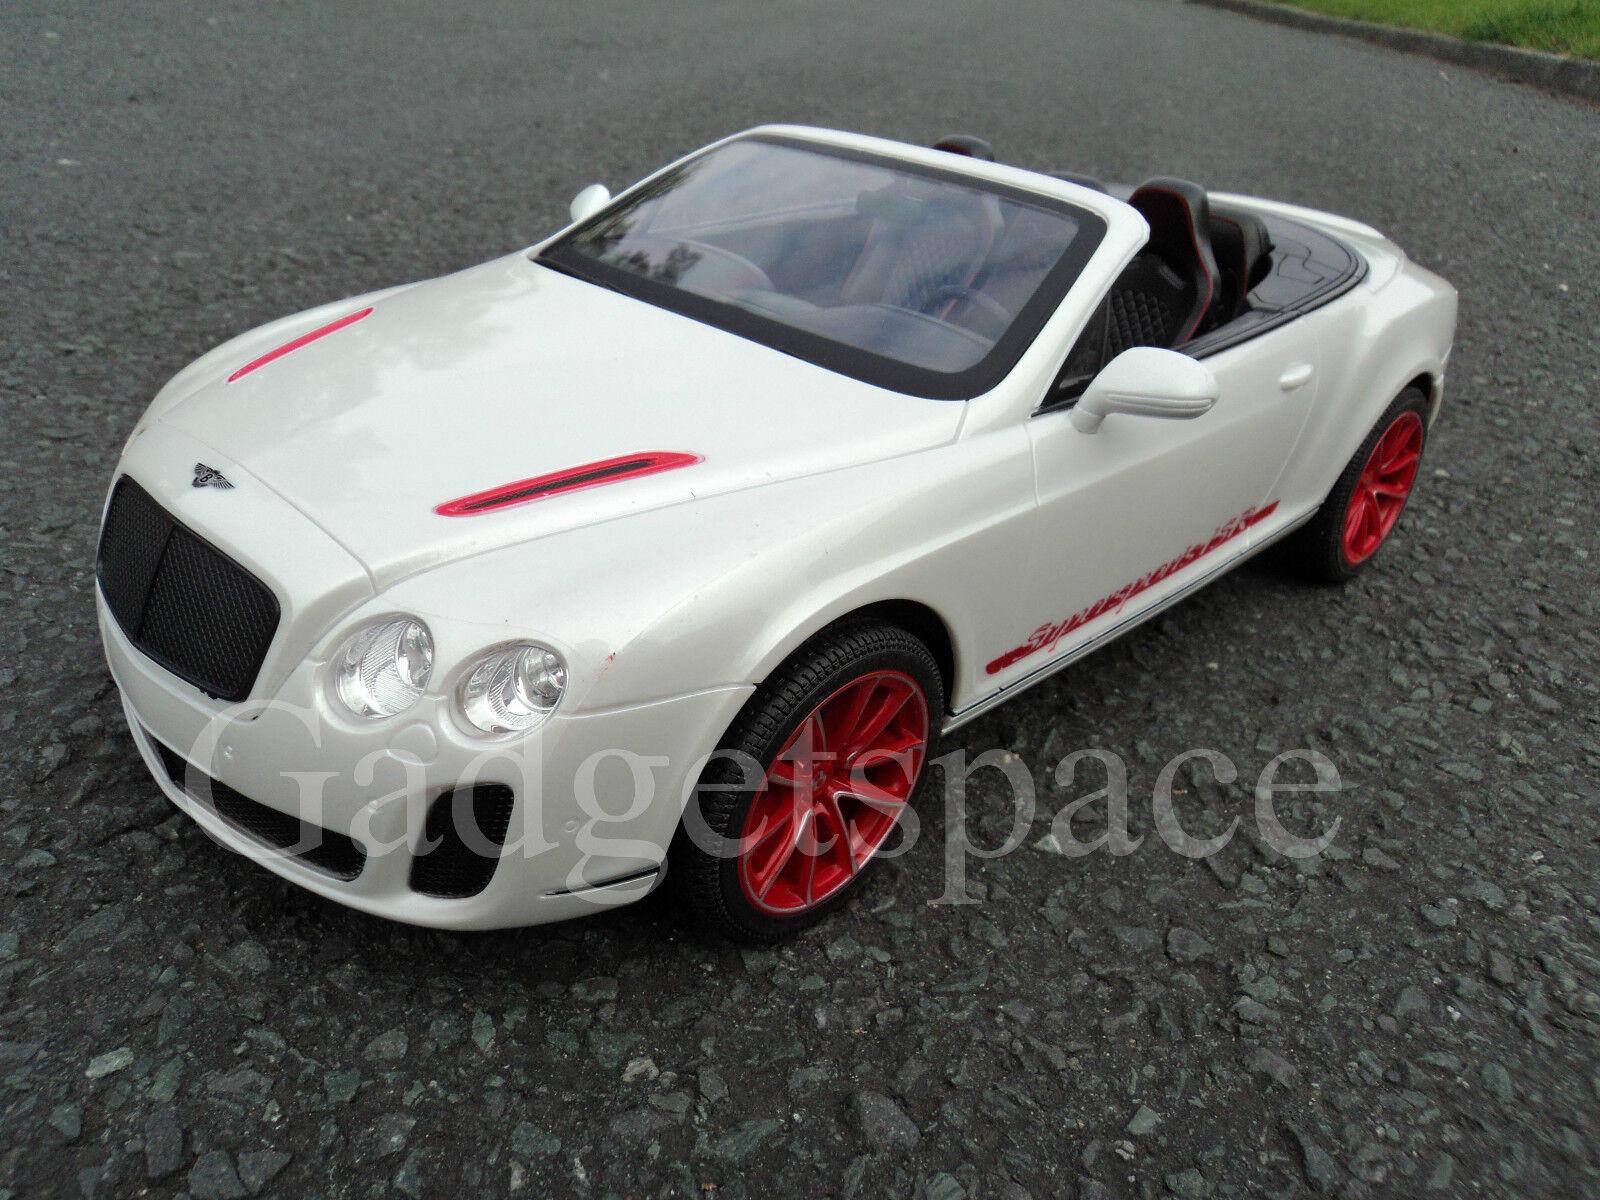 Bentley Convertible Convertible Convertible GT Recargable De Radio Control Remoto Car 1 14 RC Coche  ganancia cero